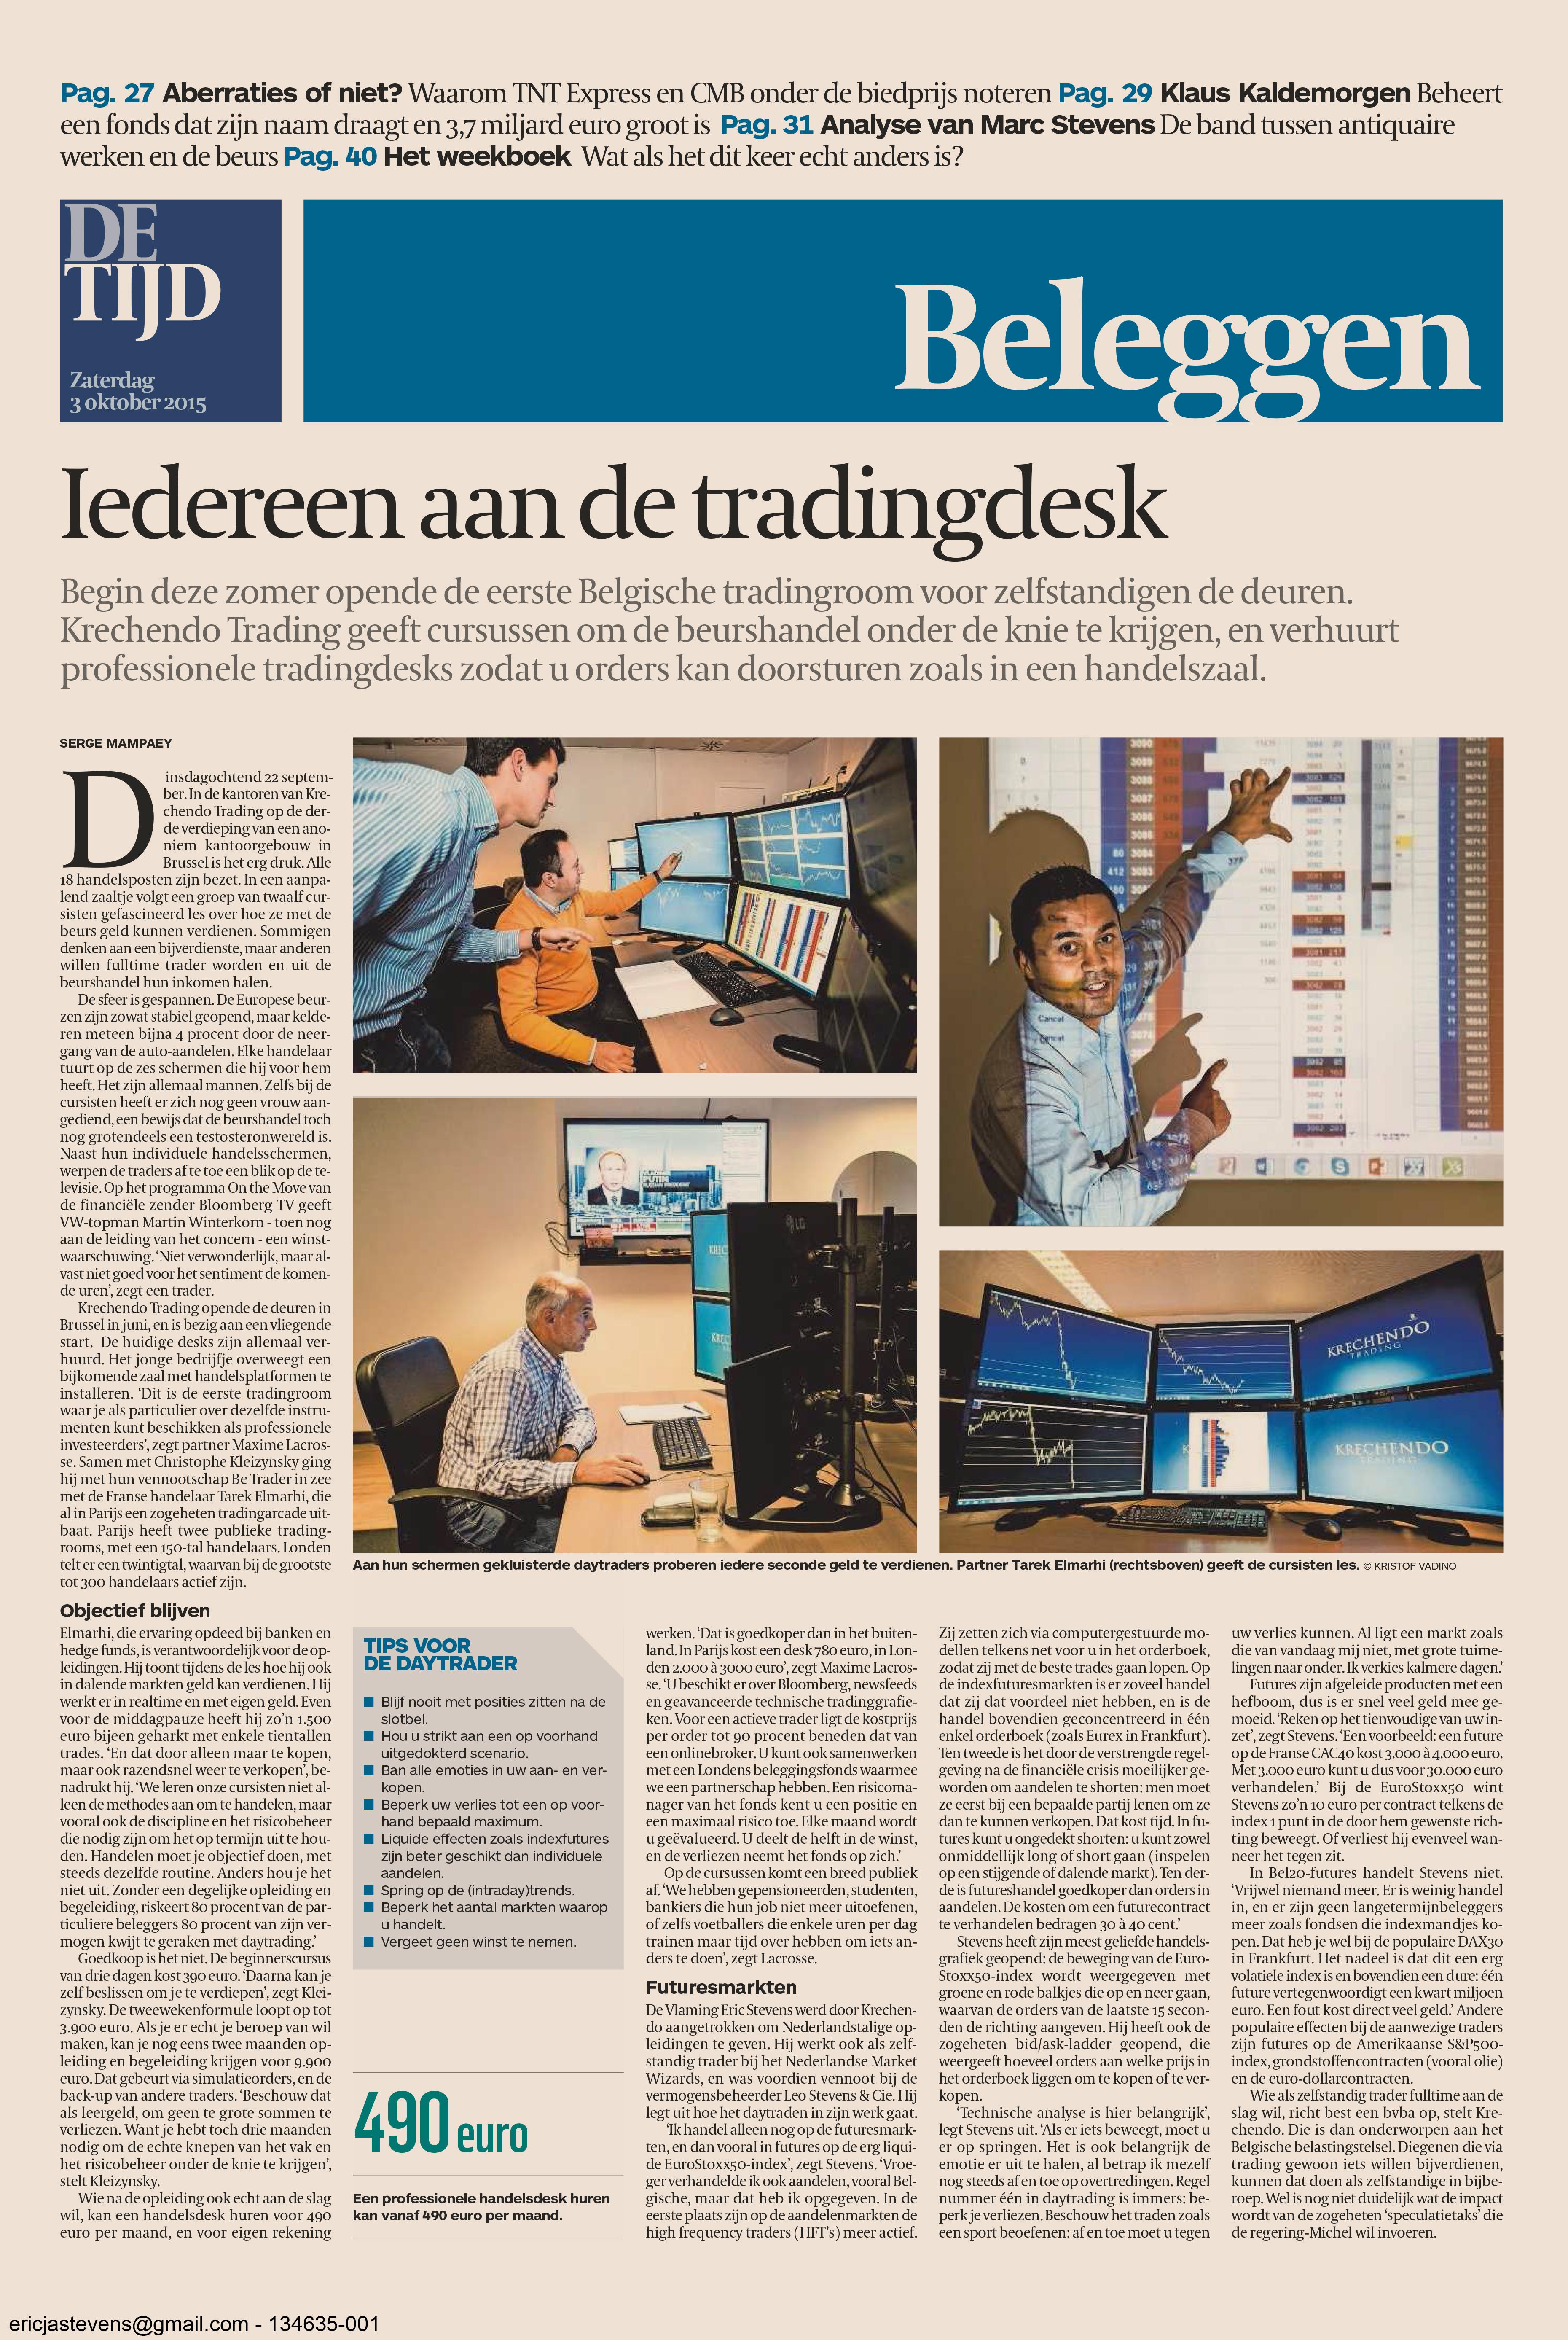 Krechendo Trading - DE TIJD